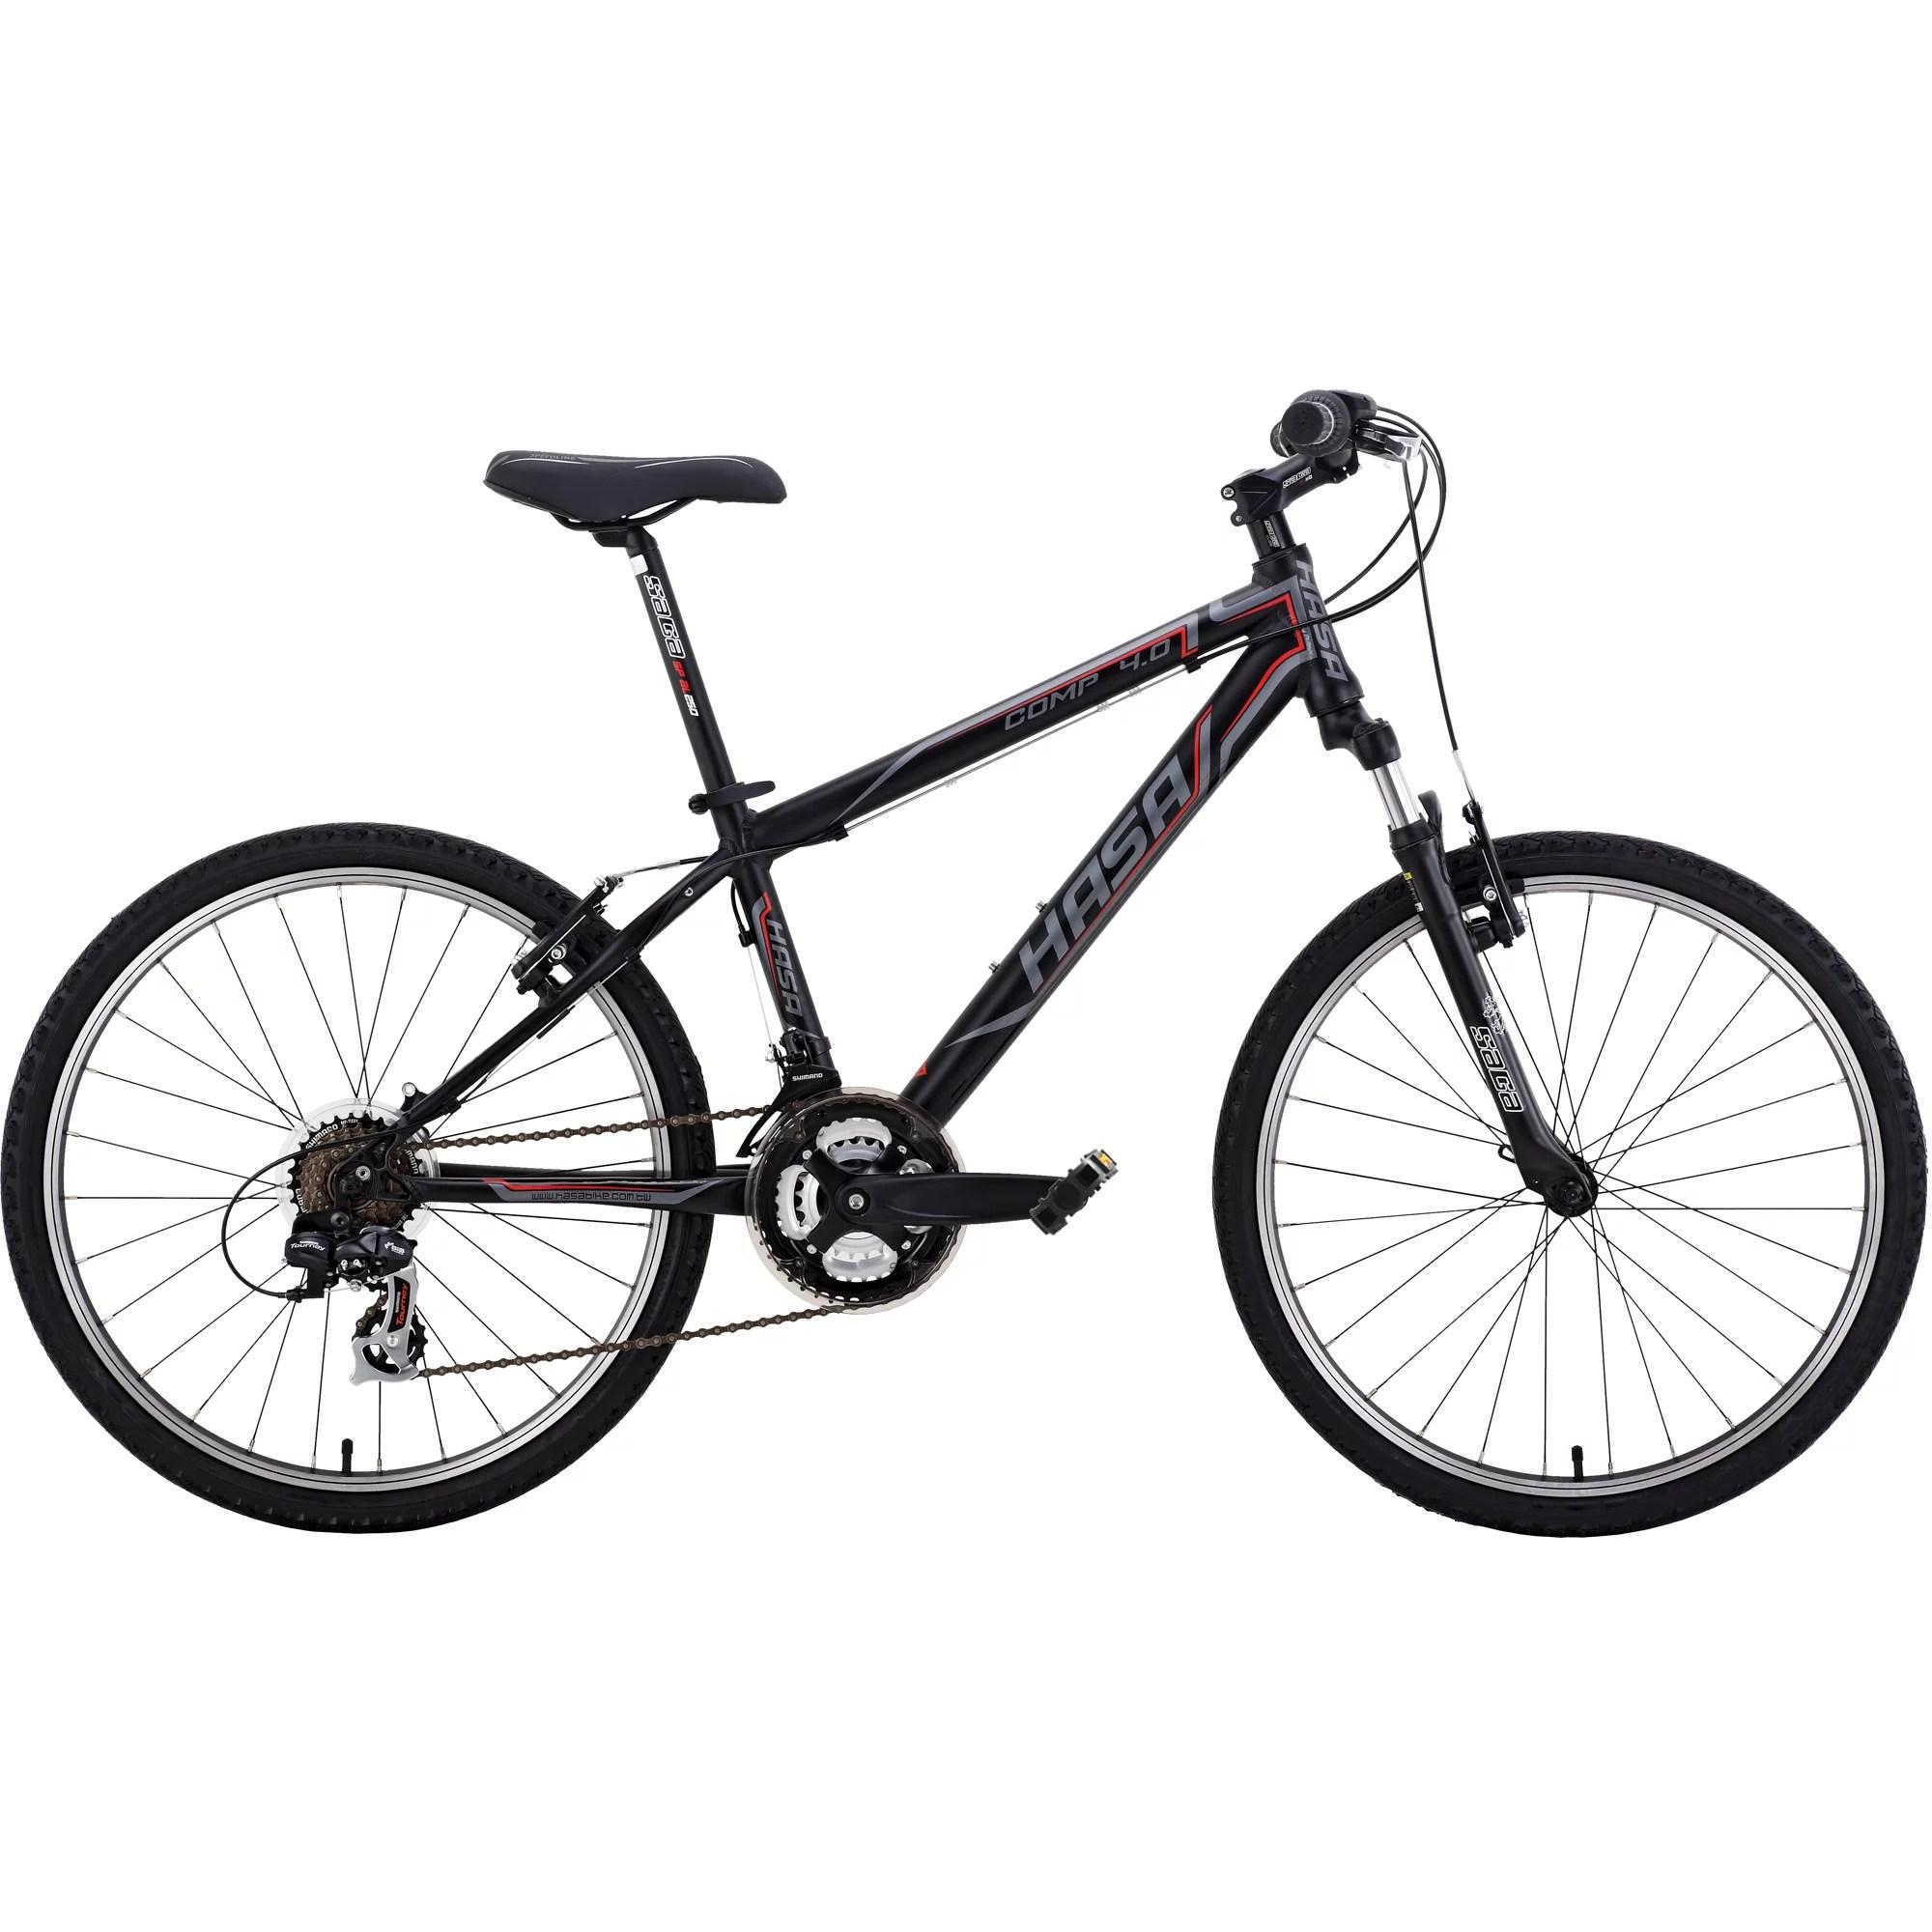 Mountain Bikes Toys Tbook